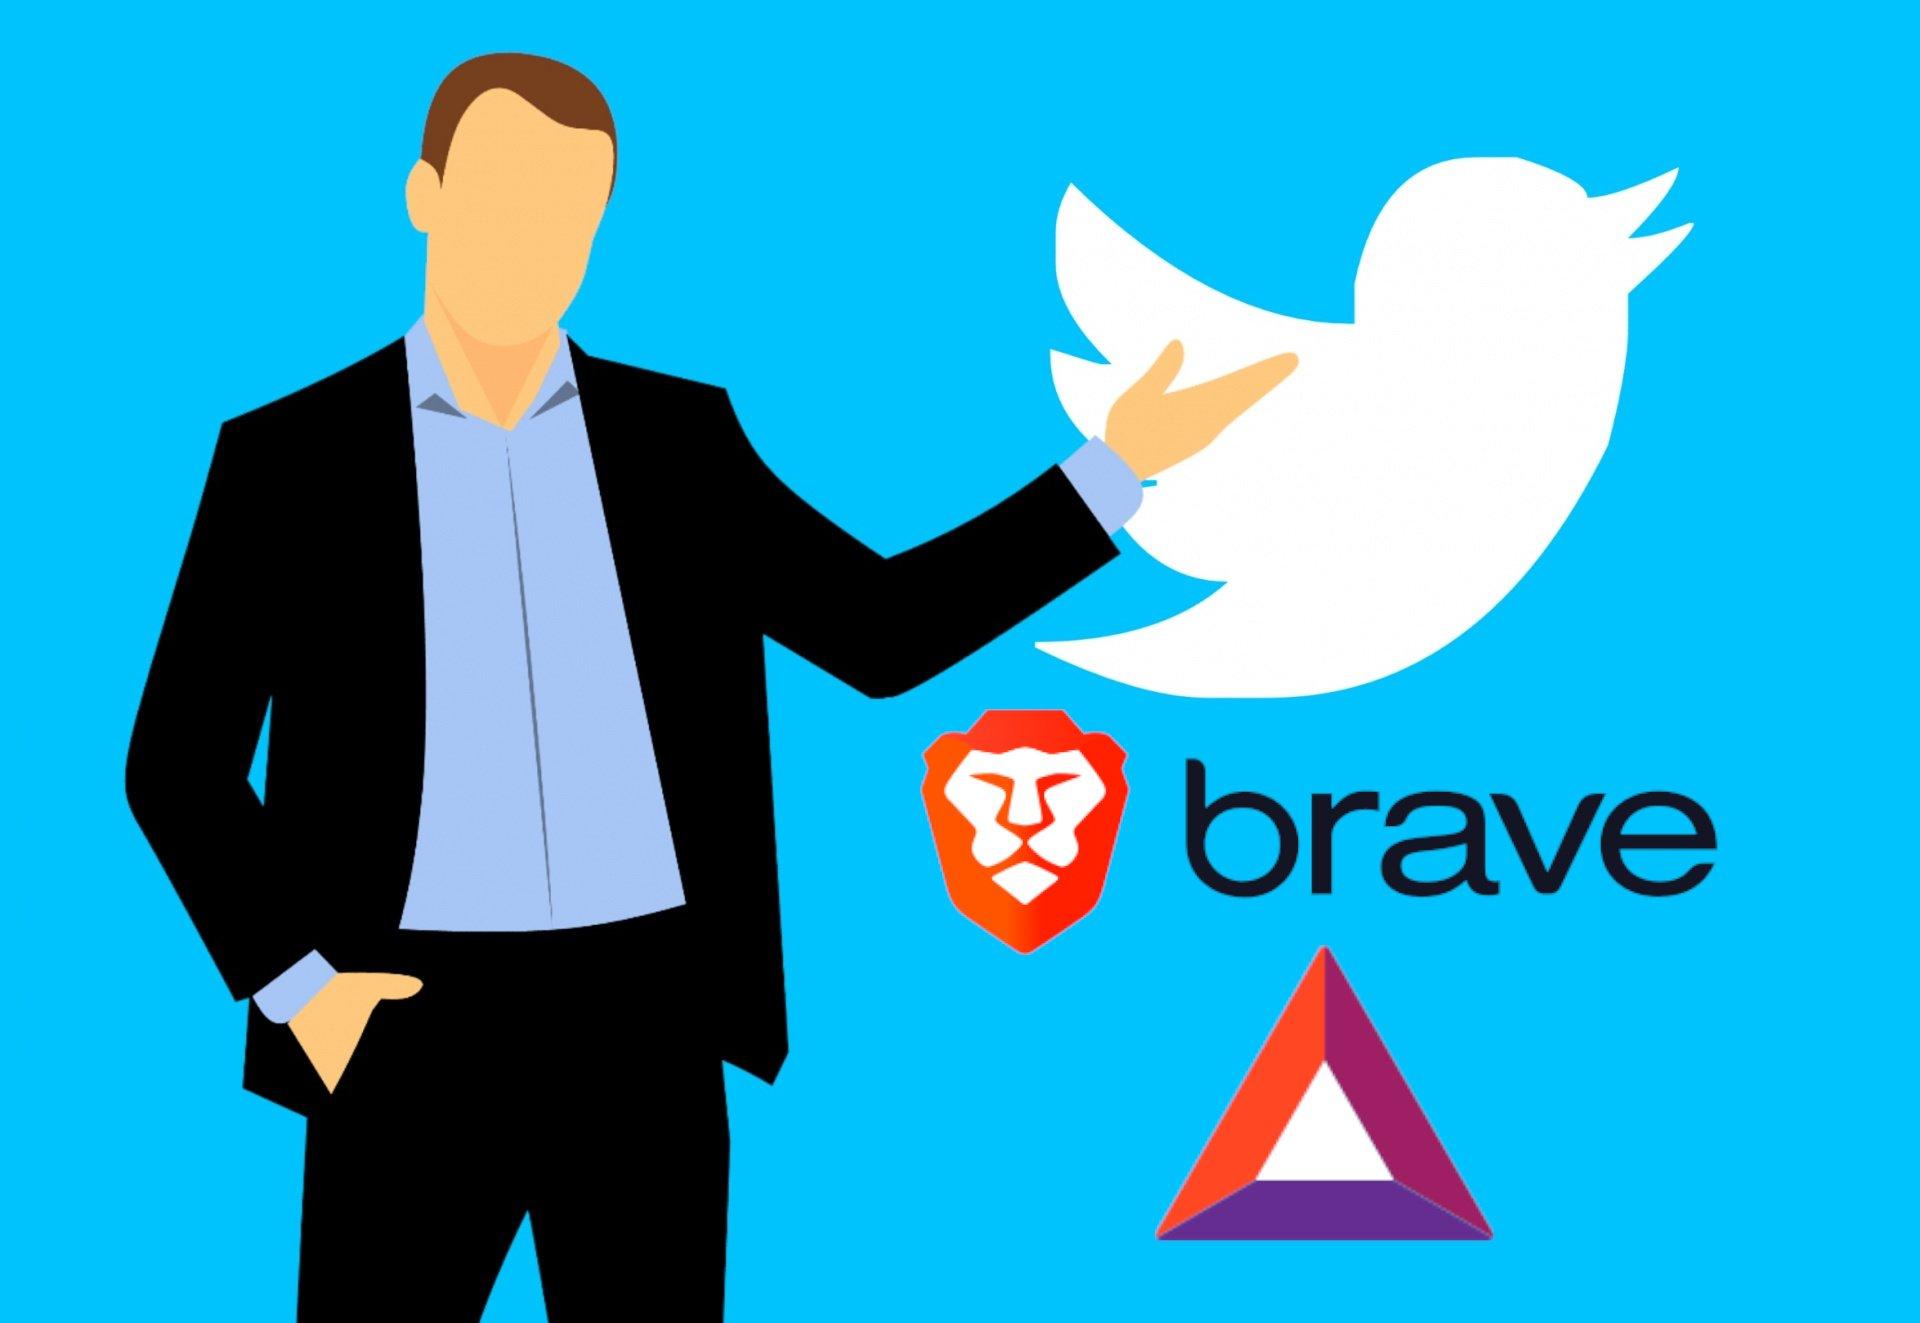 basic bat brave twitter